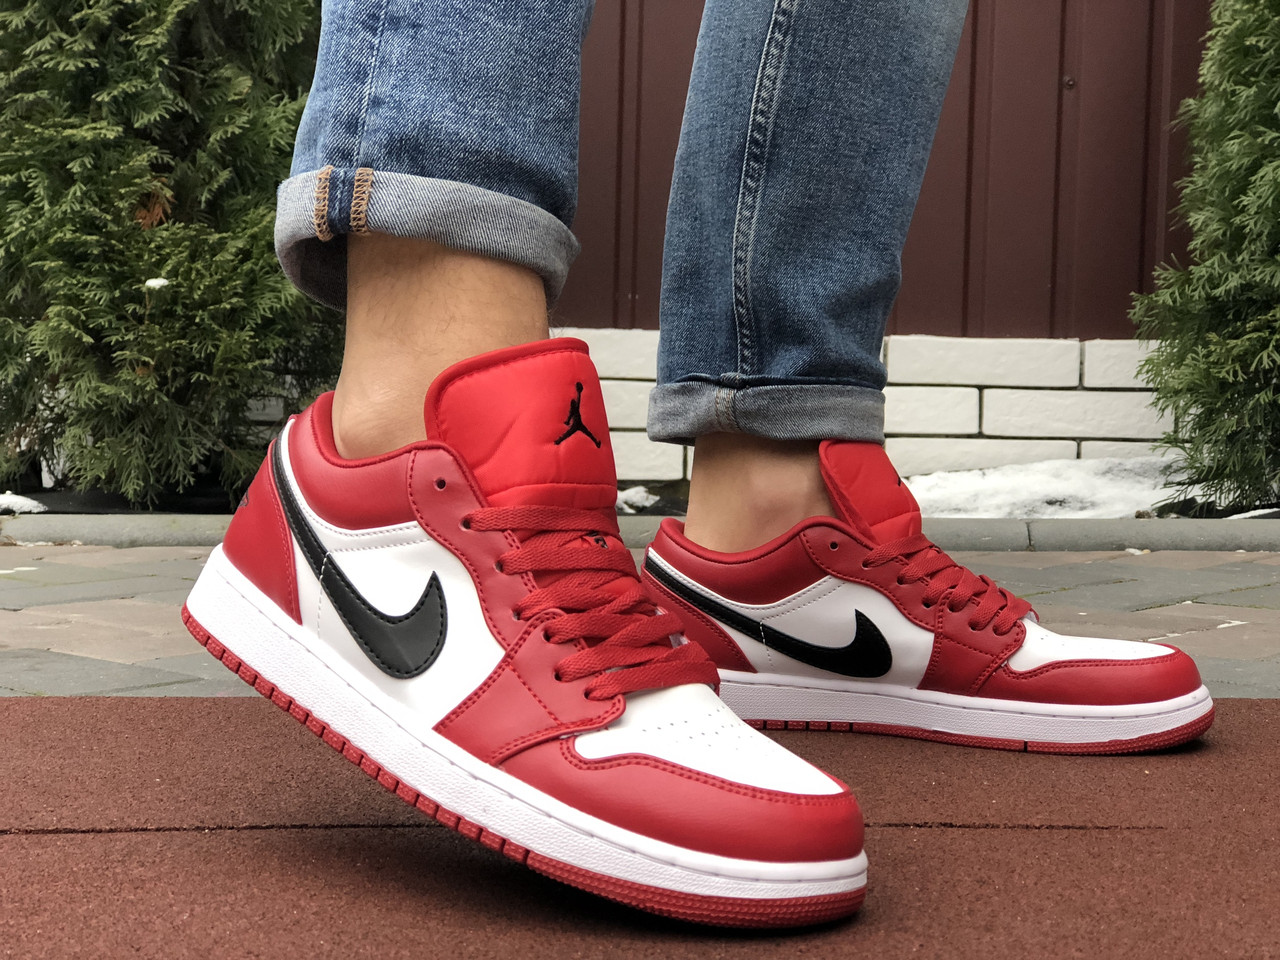 Чоловічі кросівки Nike Air Jordan 1 Low , червоні з білим / чоловічі кросівки Найк (Топ репліка ААА+)